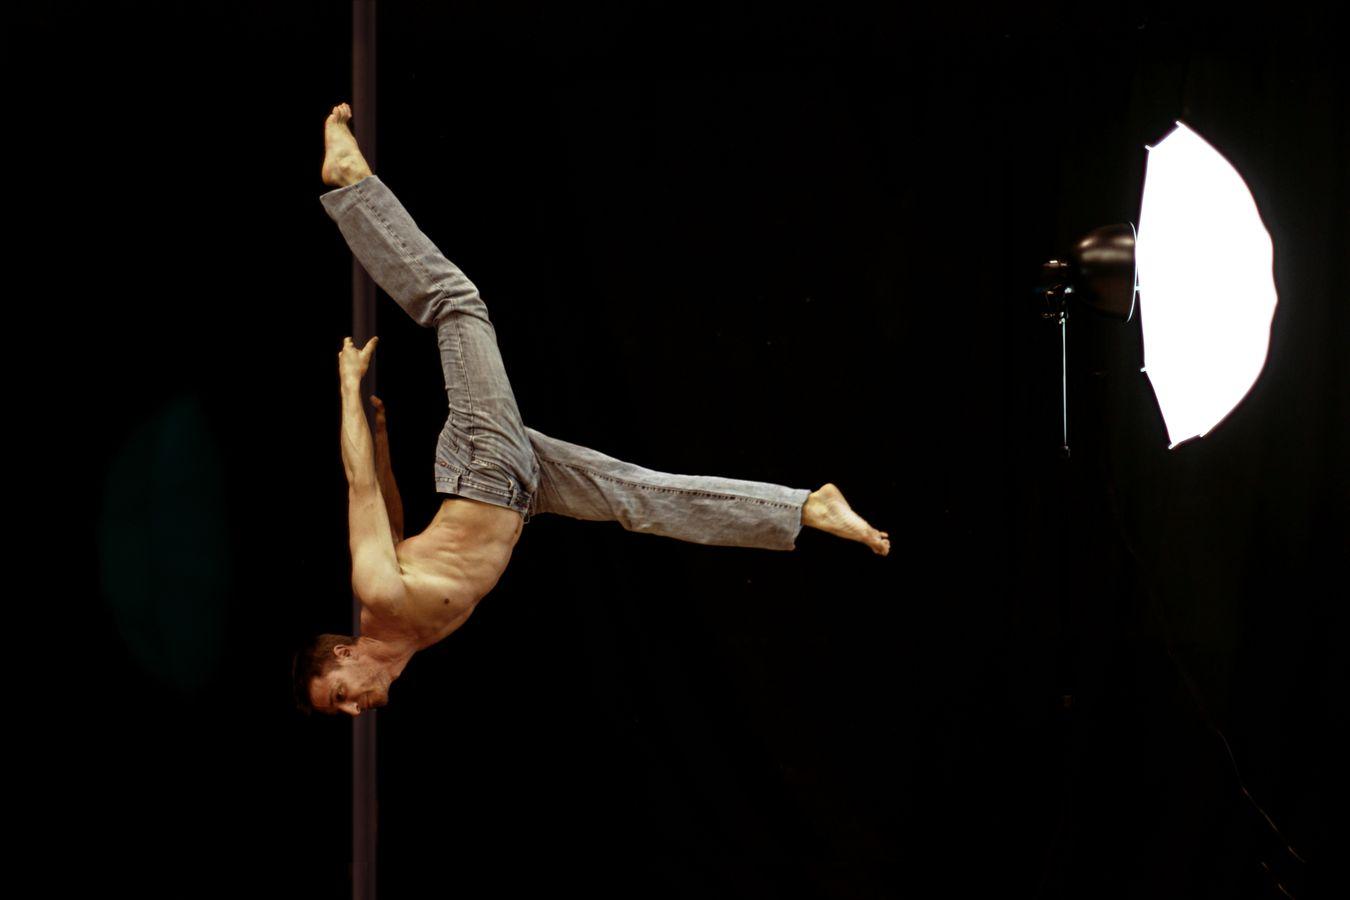 Joan fait du mat chinois à l'École de Cirque San Priote où il enseigne le cirque, jonglerie et acrobatie. il est éclairé par un parapluie de studio.